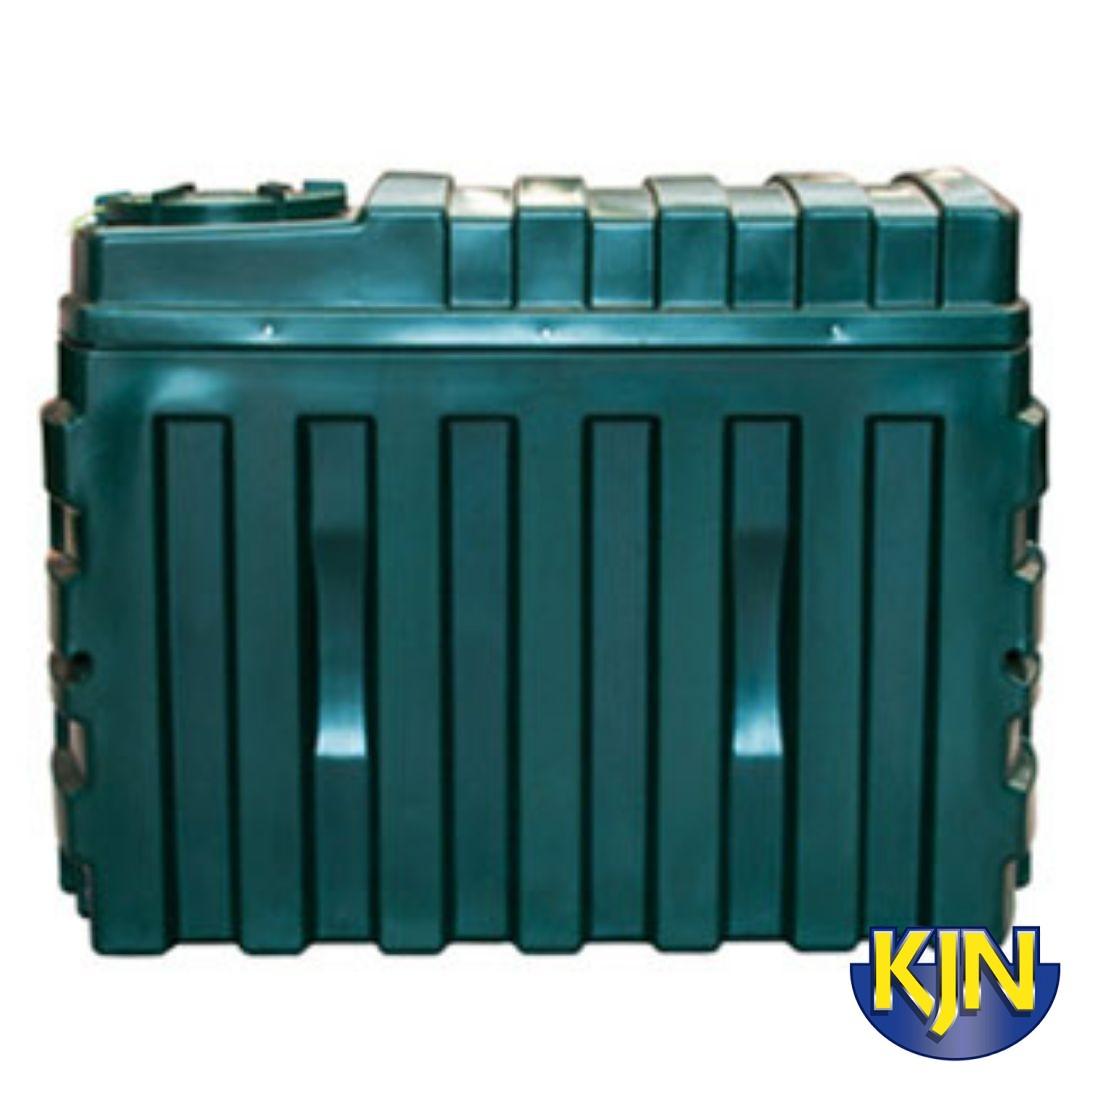 Titan Ecosafe Bunded Oil Tank 1000 Litre Bottom Or Top Outlet